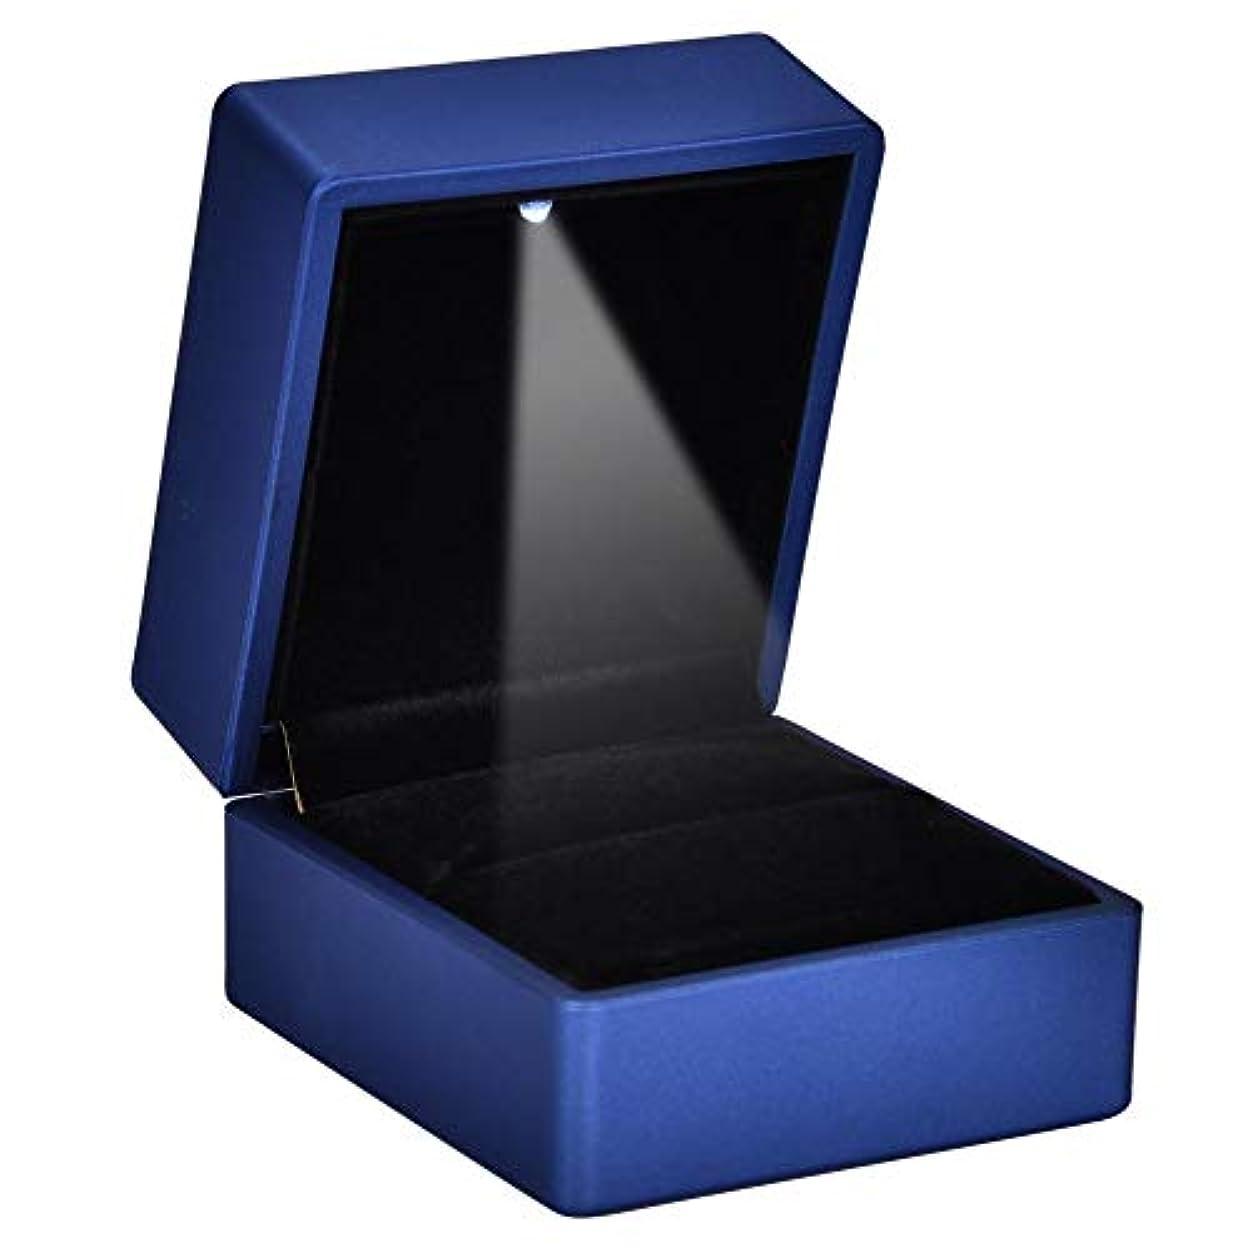 膨らみ以来ベーコン2種類ファッショナブルなLEDリングボックス - 内部LED照明付きリングケース、ジュエリーホルダーリング収納ケース、結婚式の提案(ブルー-90 * 70 * 35)